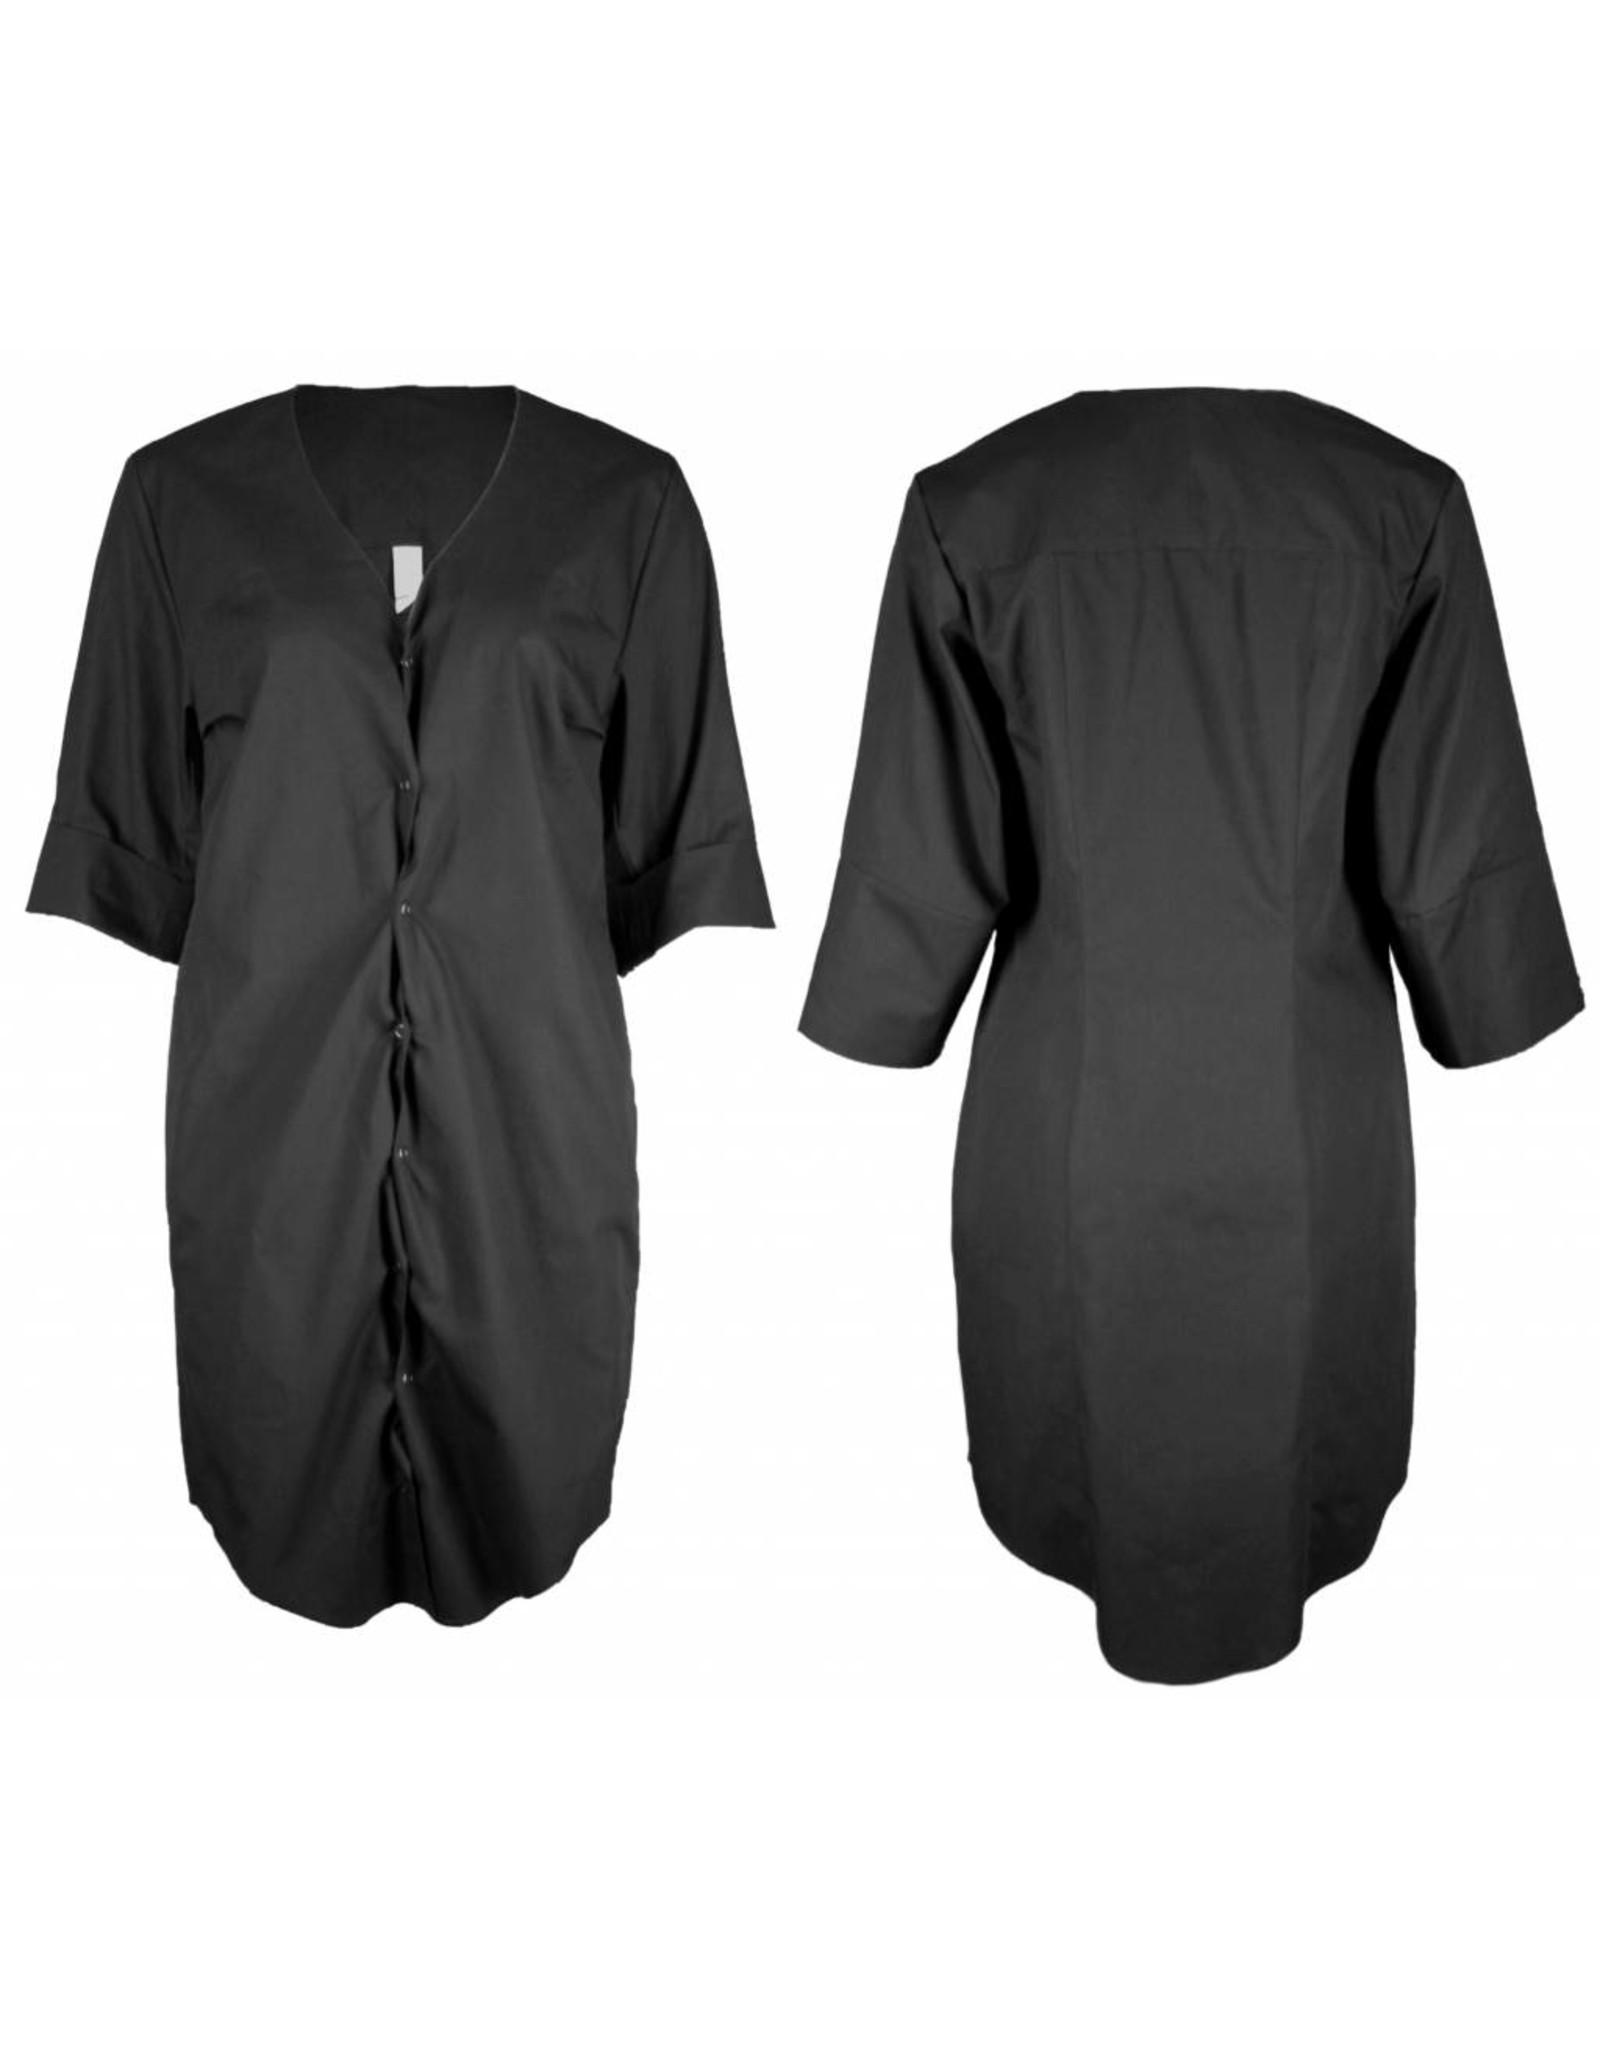 format ILSE dress, plain